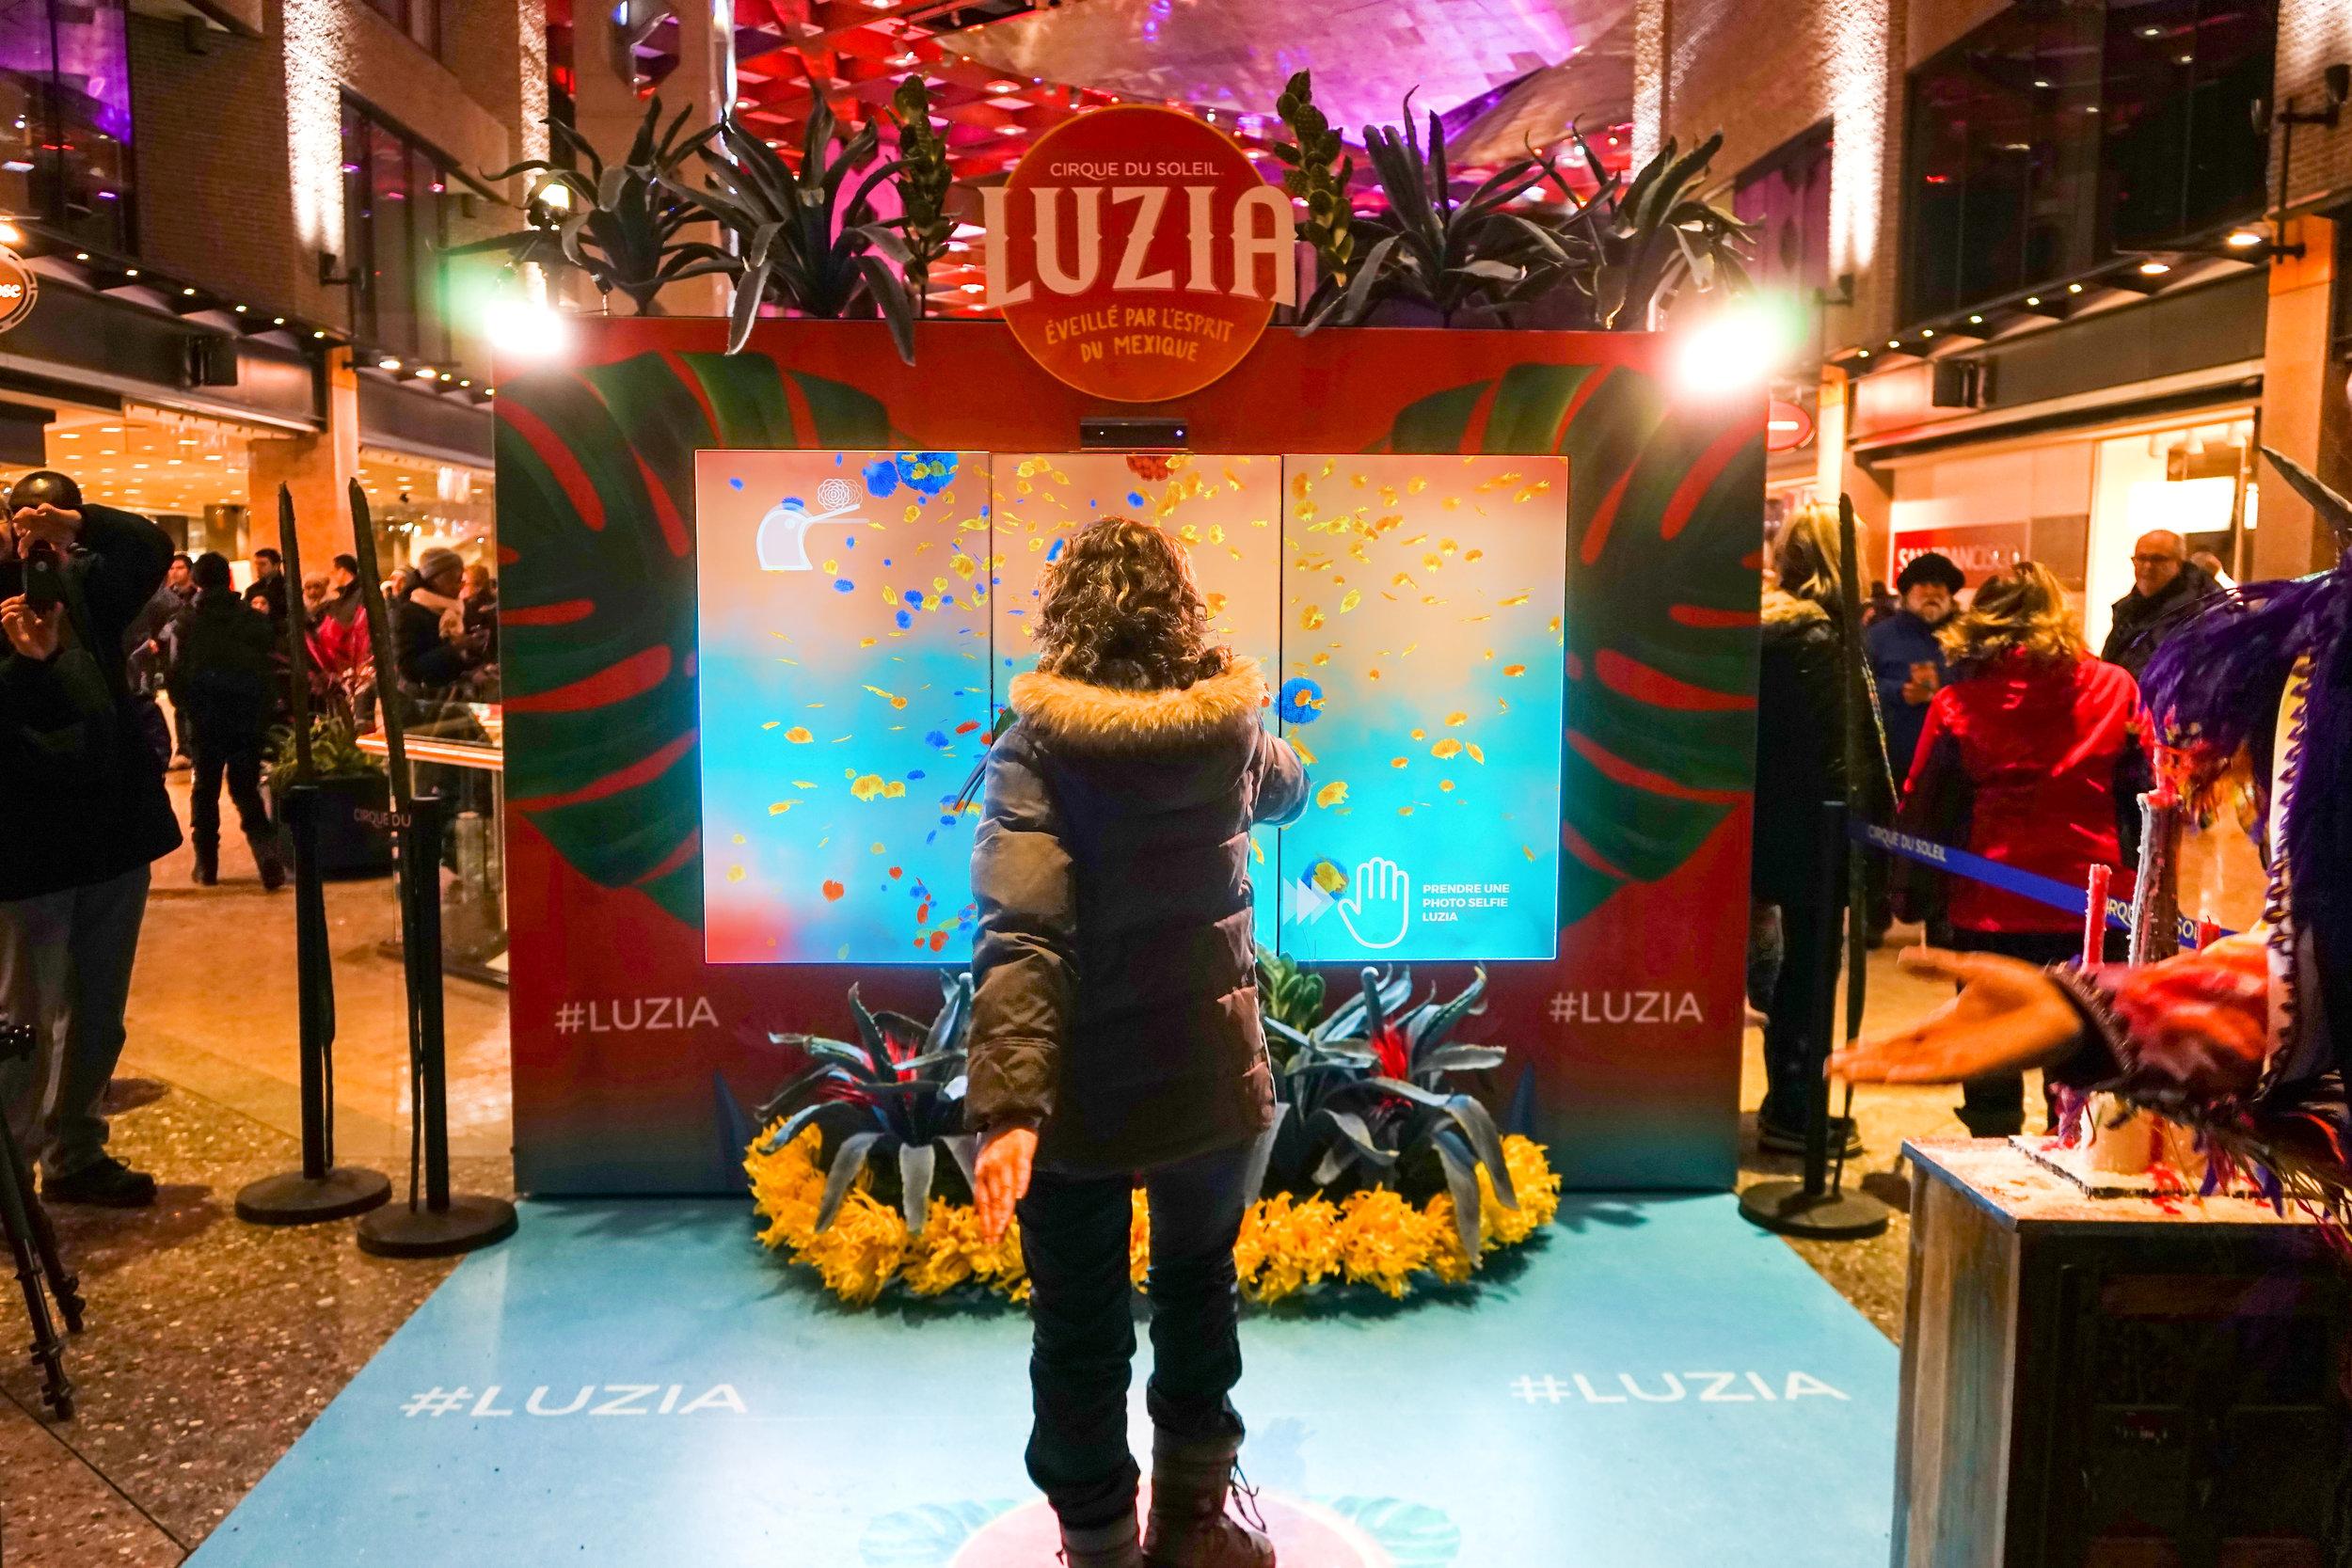 LUZIA (CIRQUE DU SOLEIL)   /// MONTRÉAL, MEXICO CITY, WASHINGTON D.C.